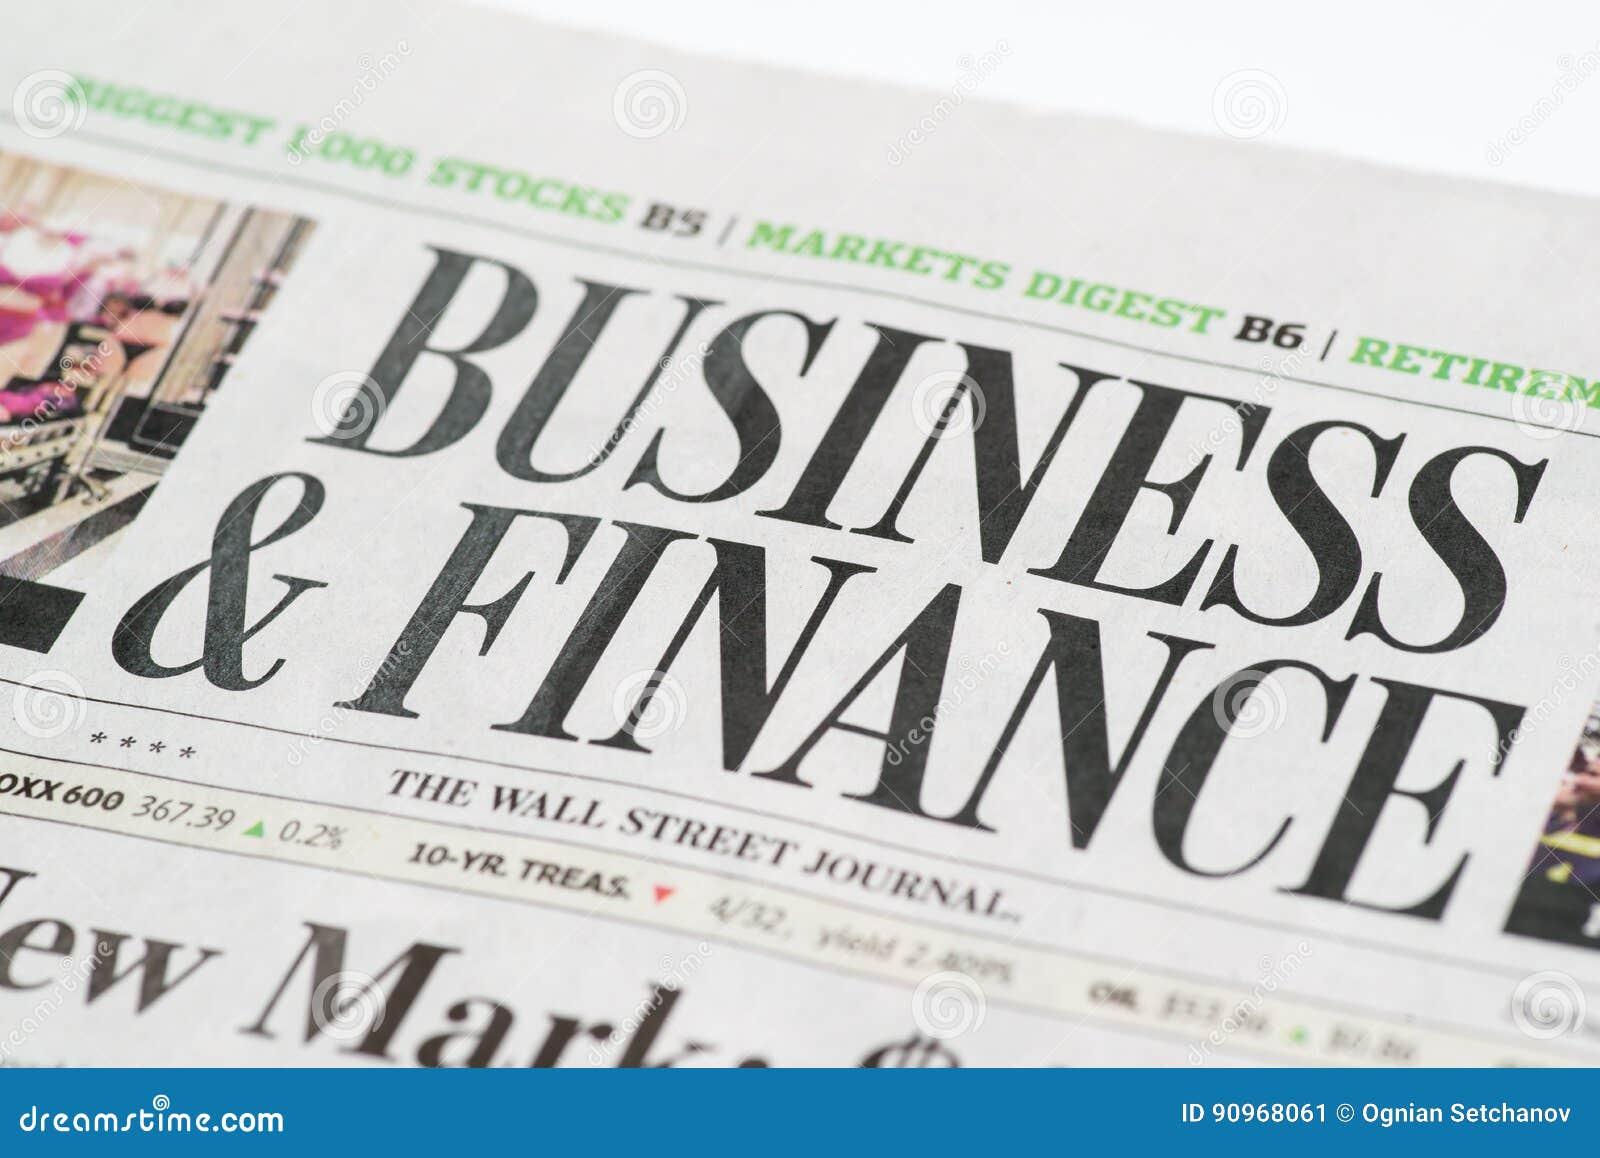 Ciérrese para arriba de un negocio y financie la sección del uso editorial de Wall Street Journalfor solamente